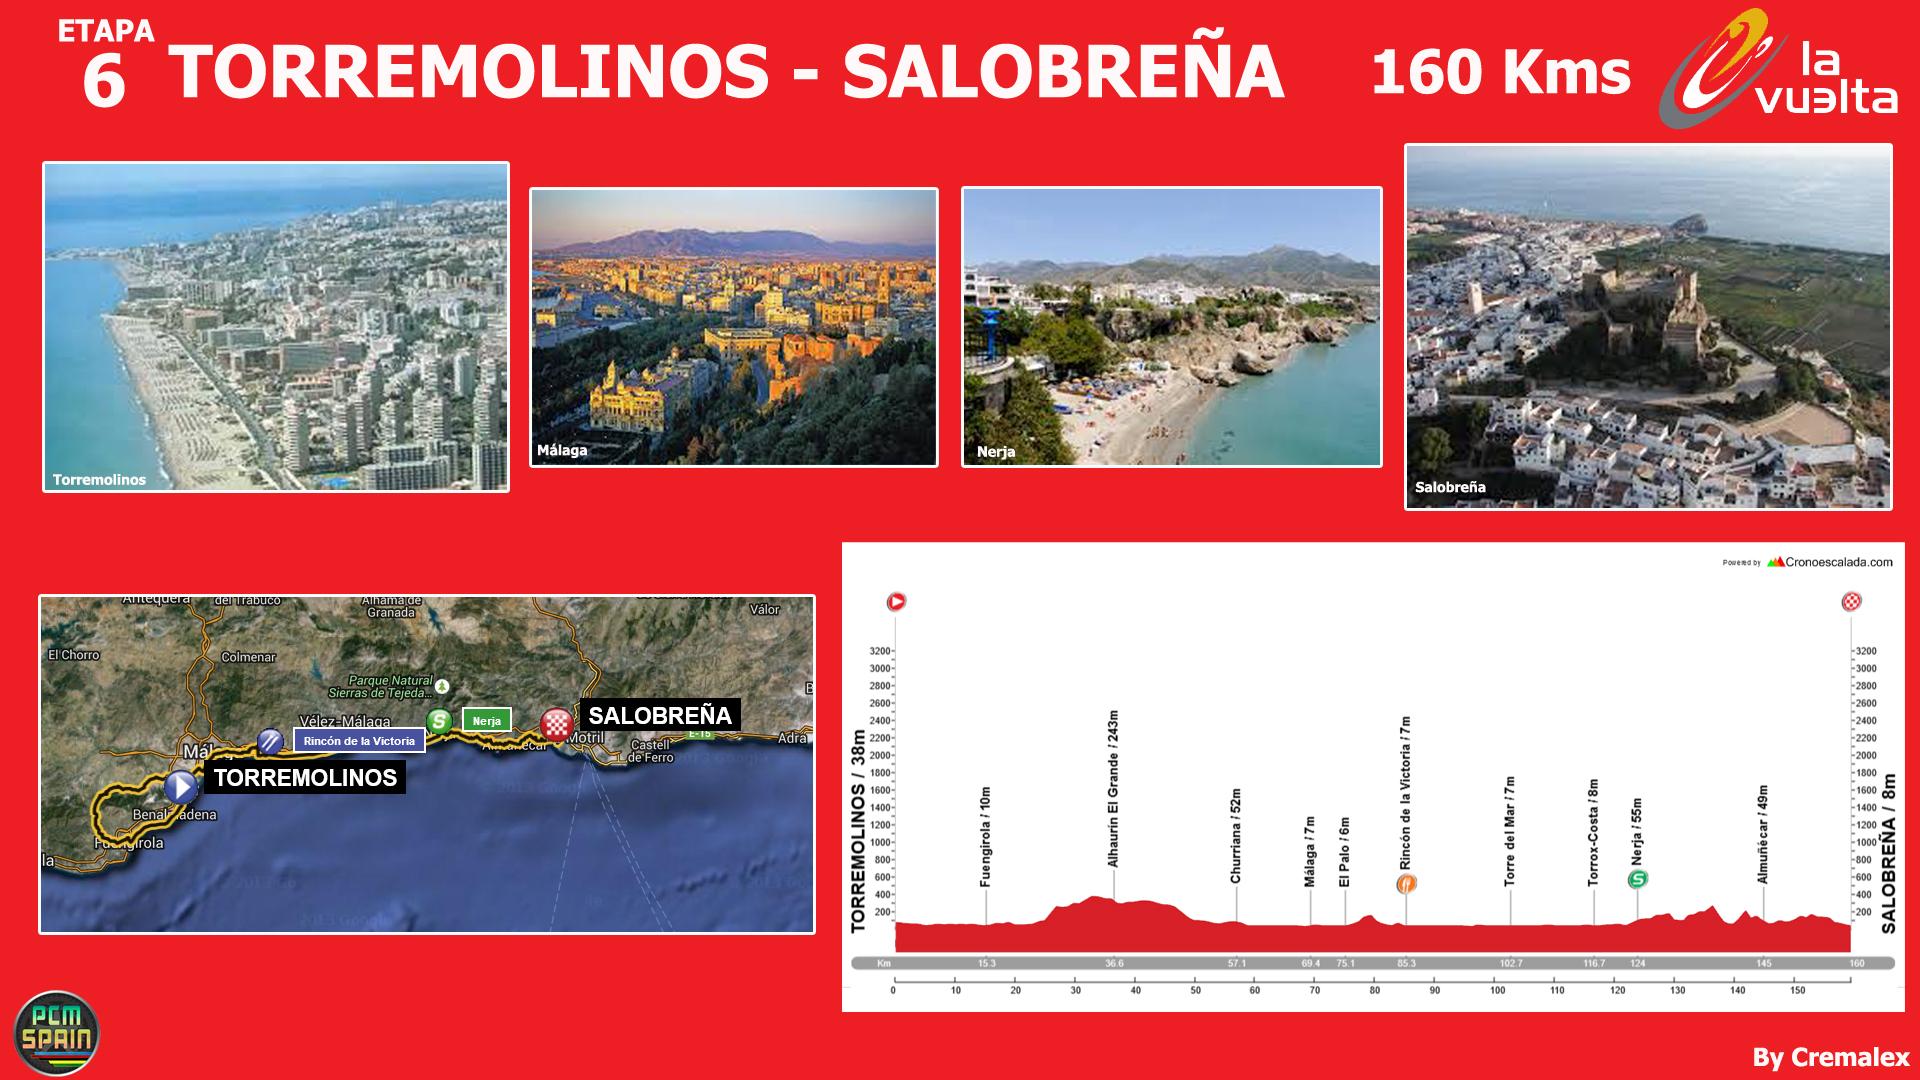 Concurso Vuelta a España 2015 - Página 6 292713Etapas06